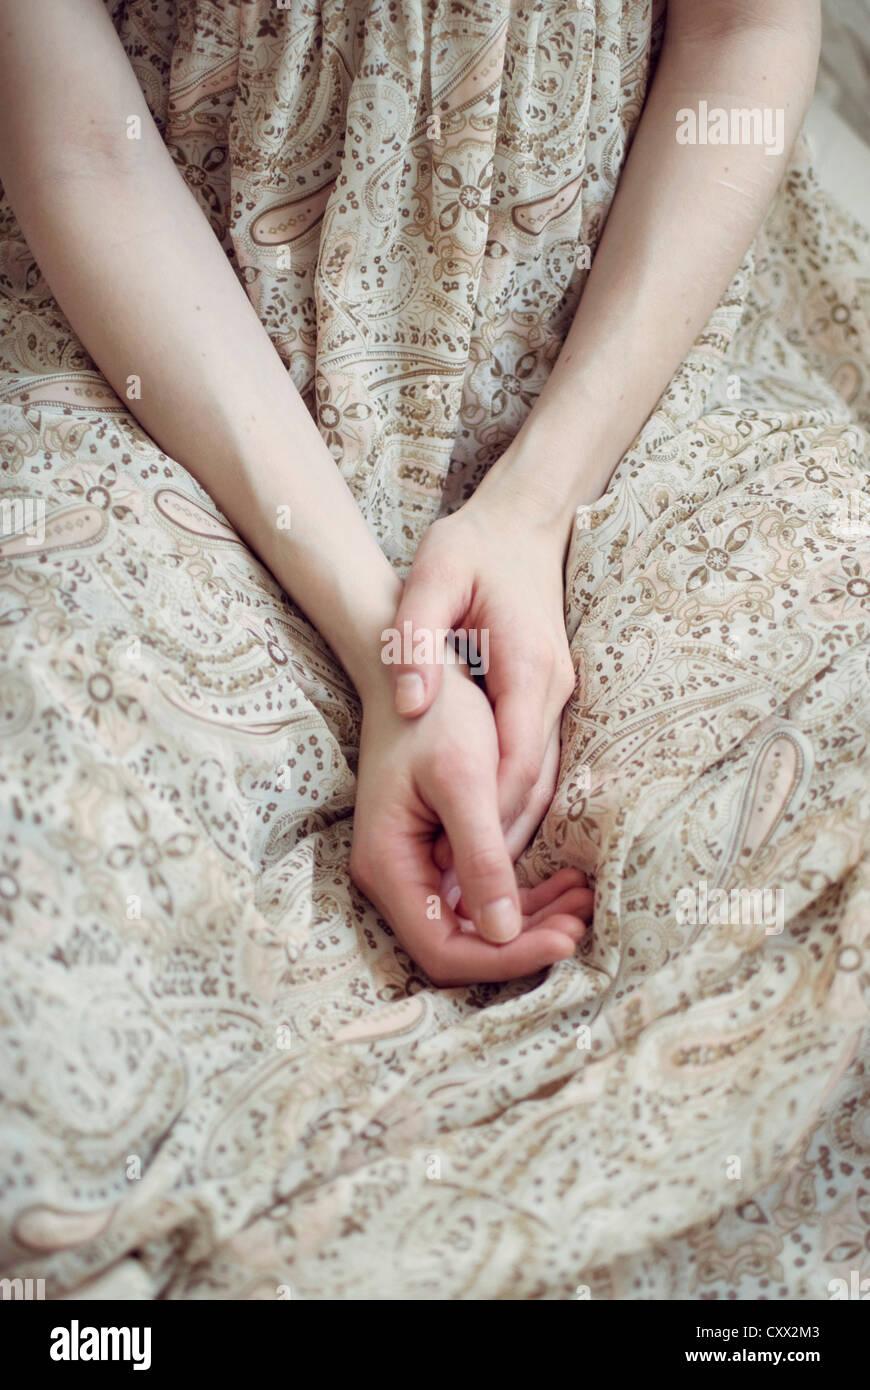 Cerrar foto de manos en el regazo de una chica que llevaba un vestido veraniego de luz Imagen De Stock